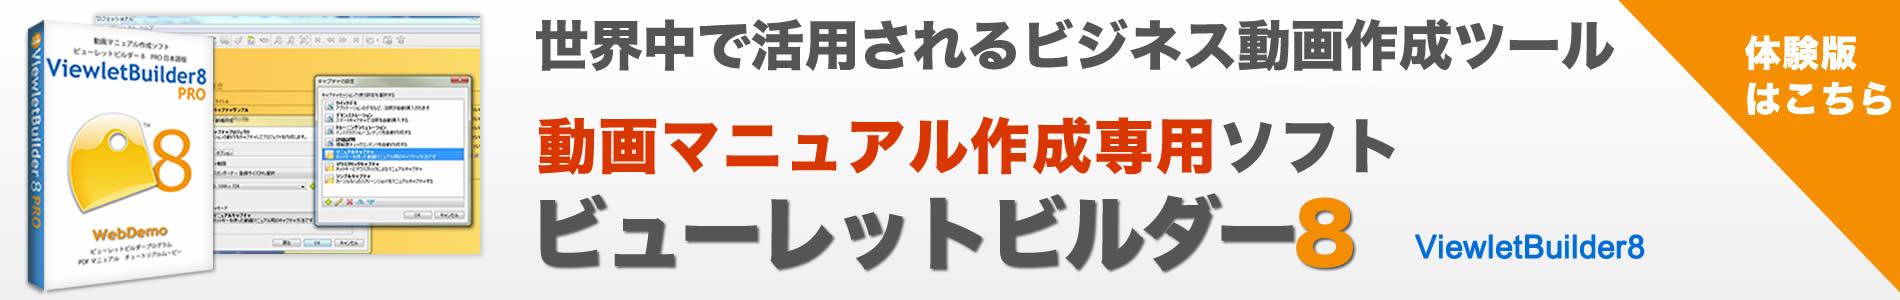 動画マニュアル制作ソフト